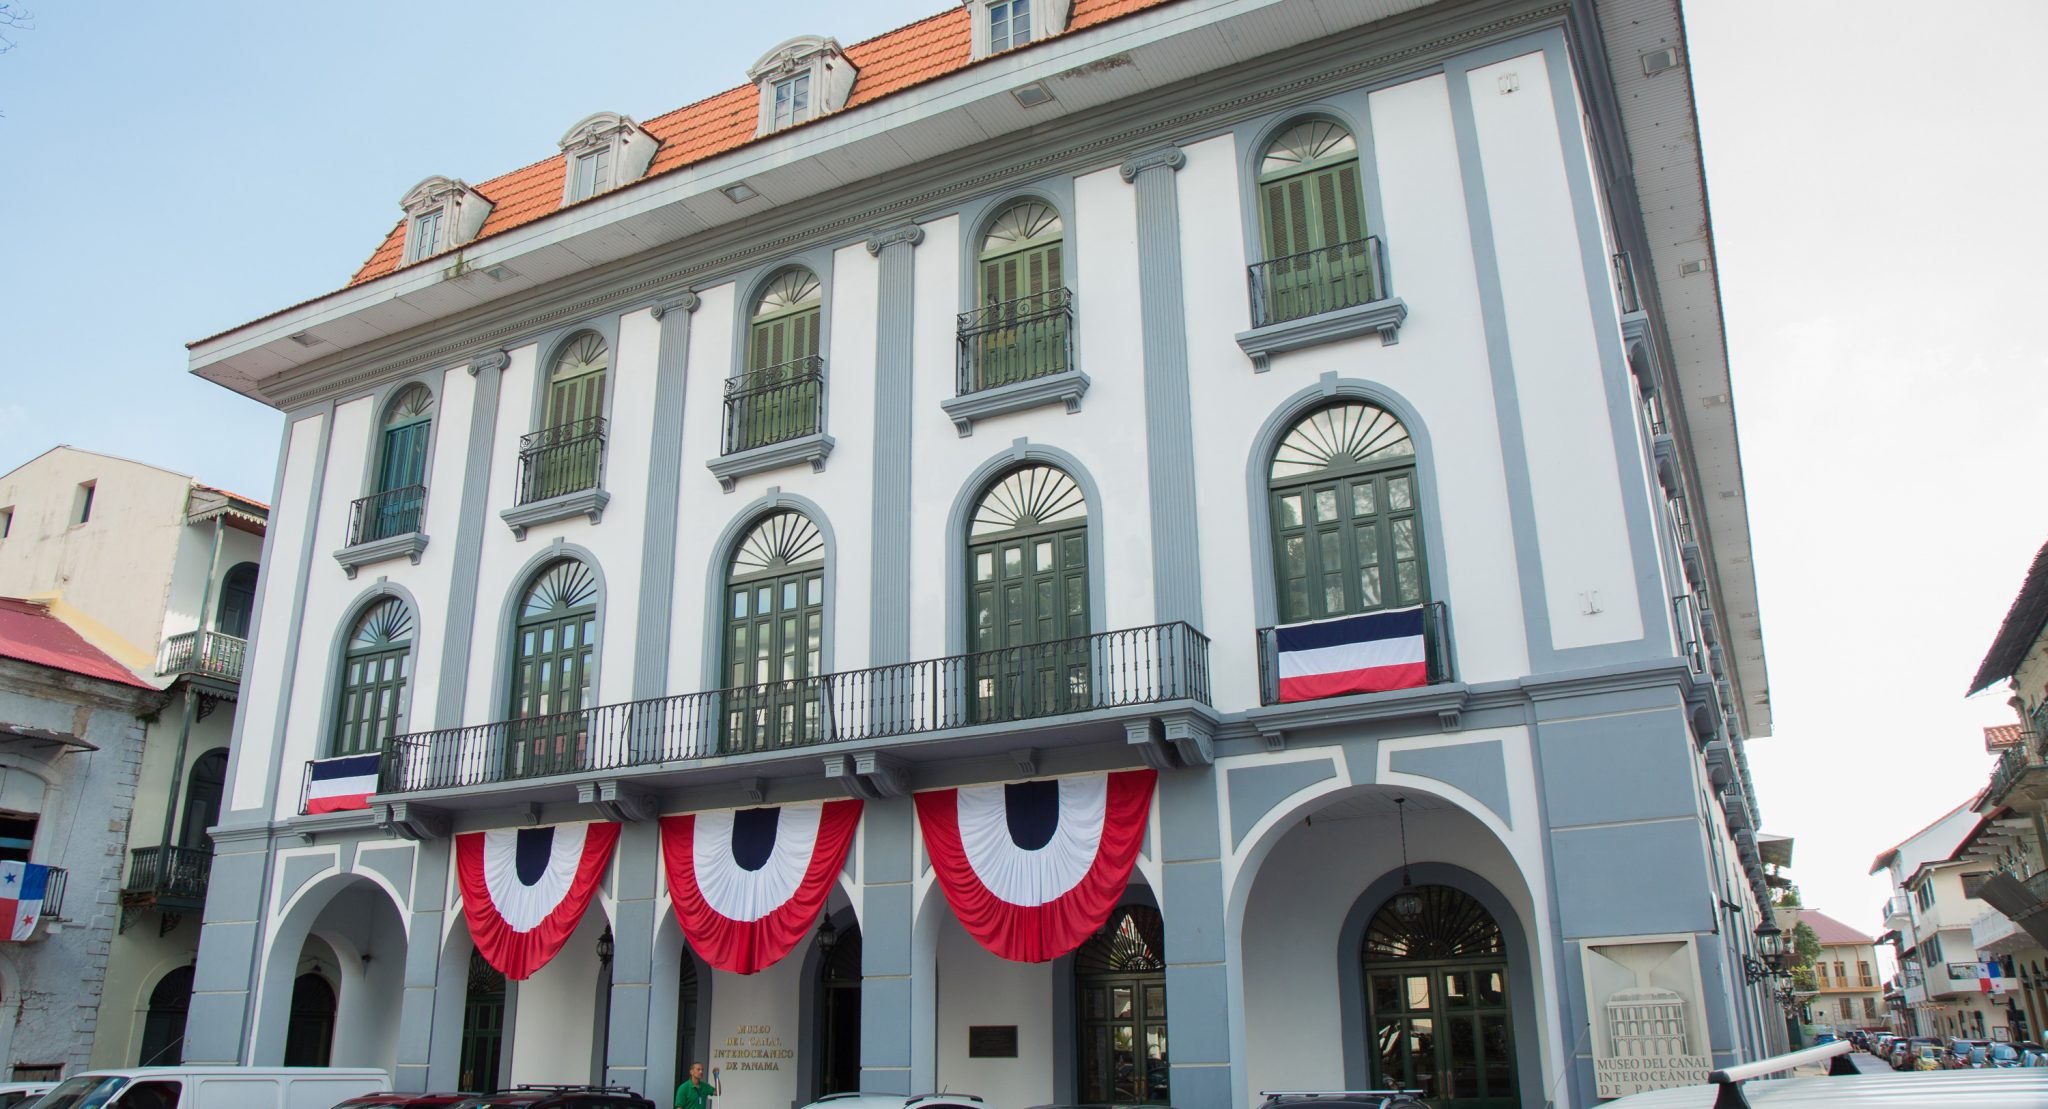 02. Museo del Canal Interoceánico de Panamá